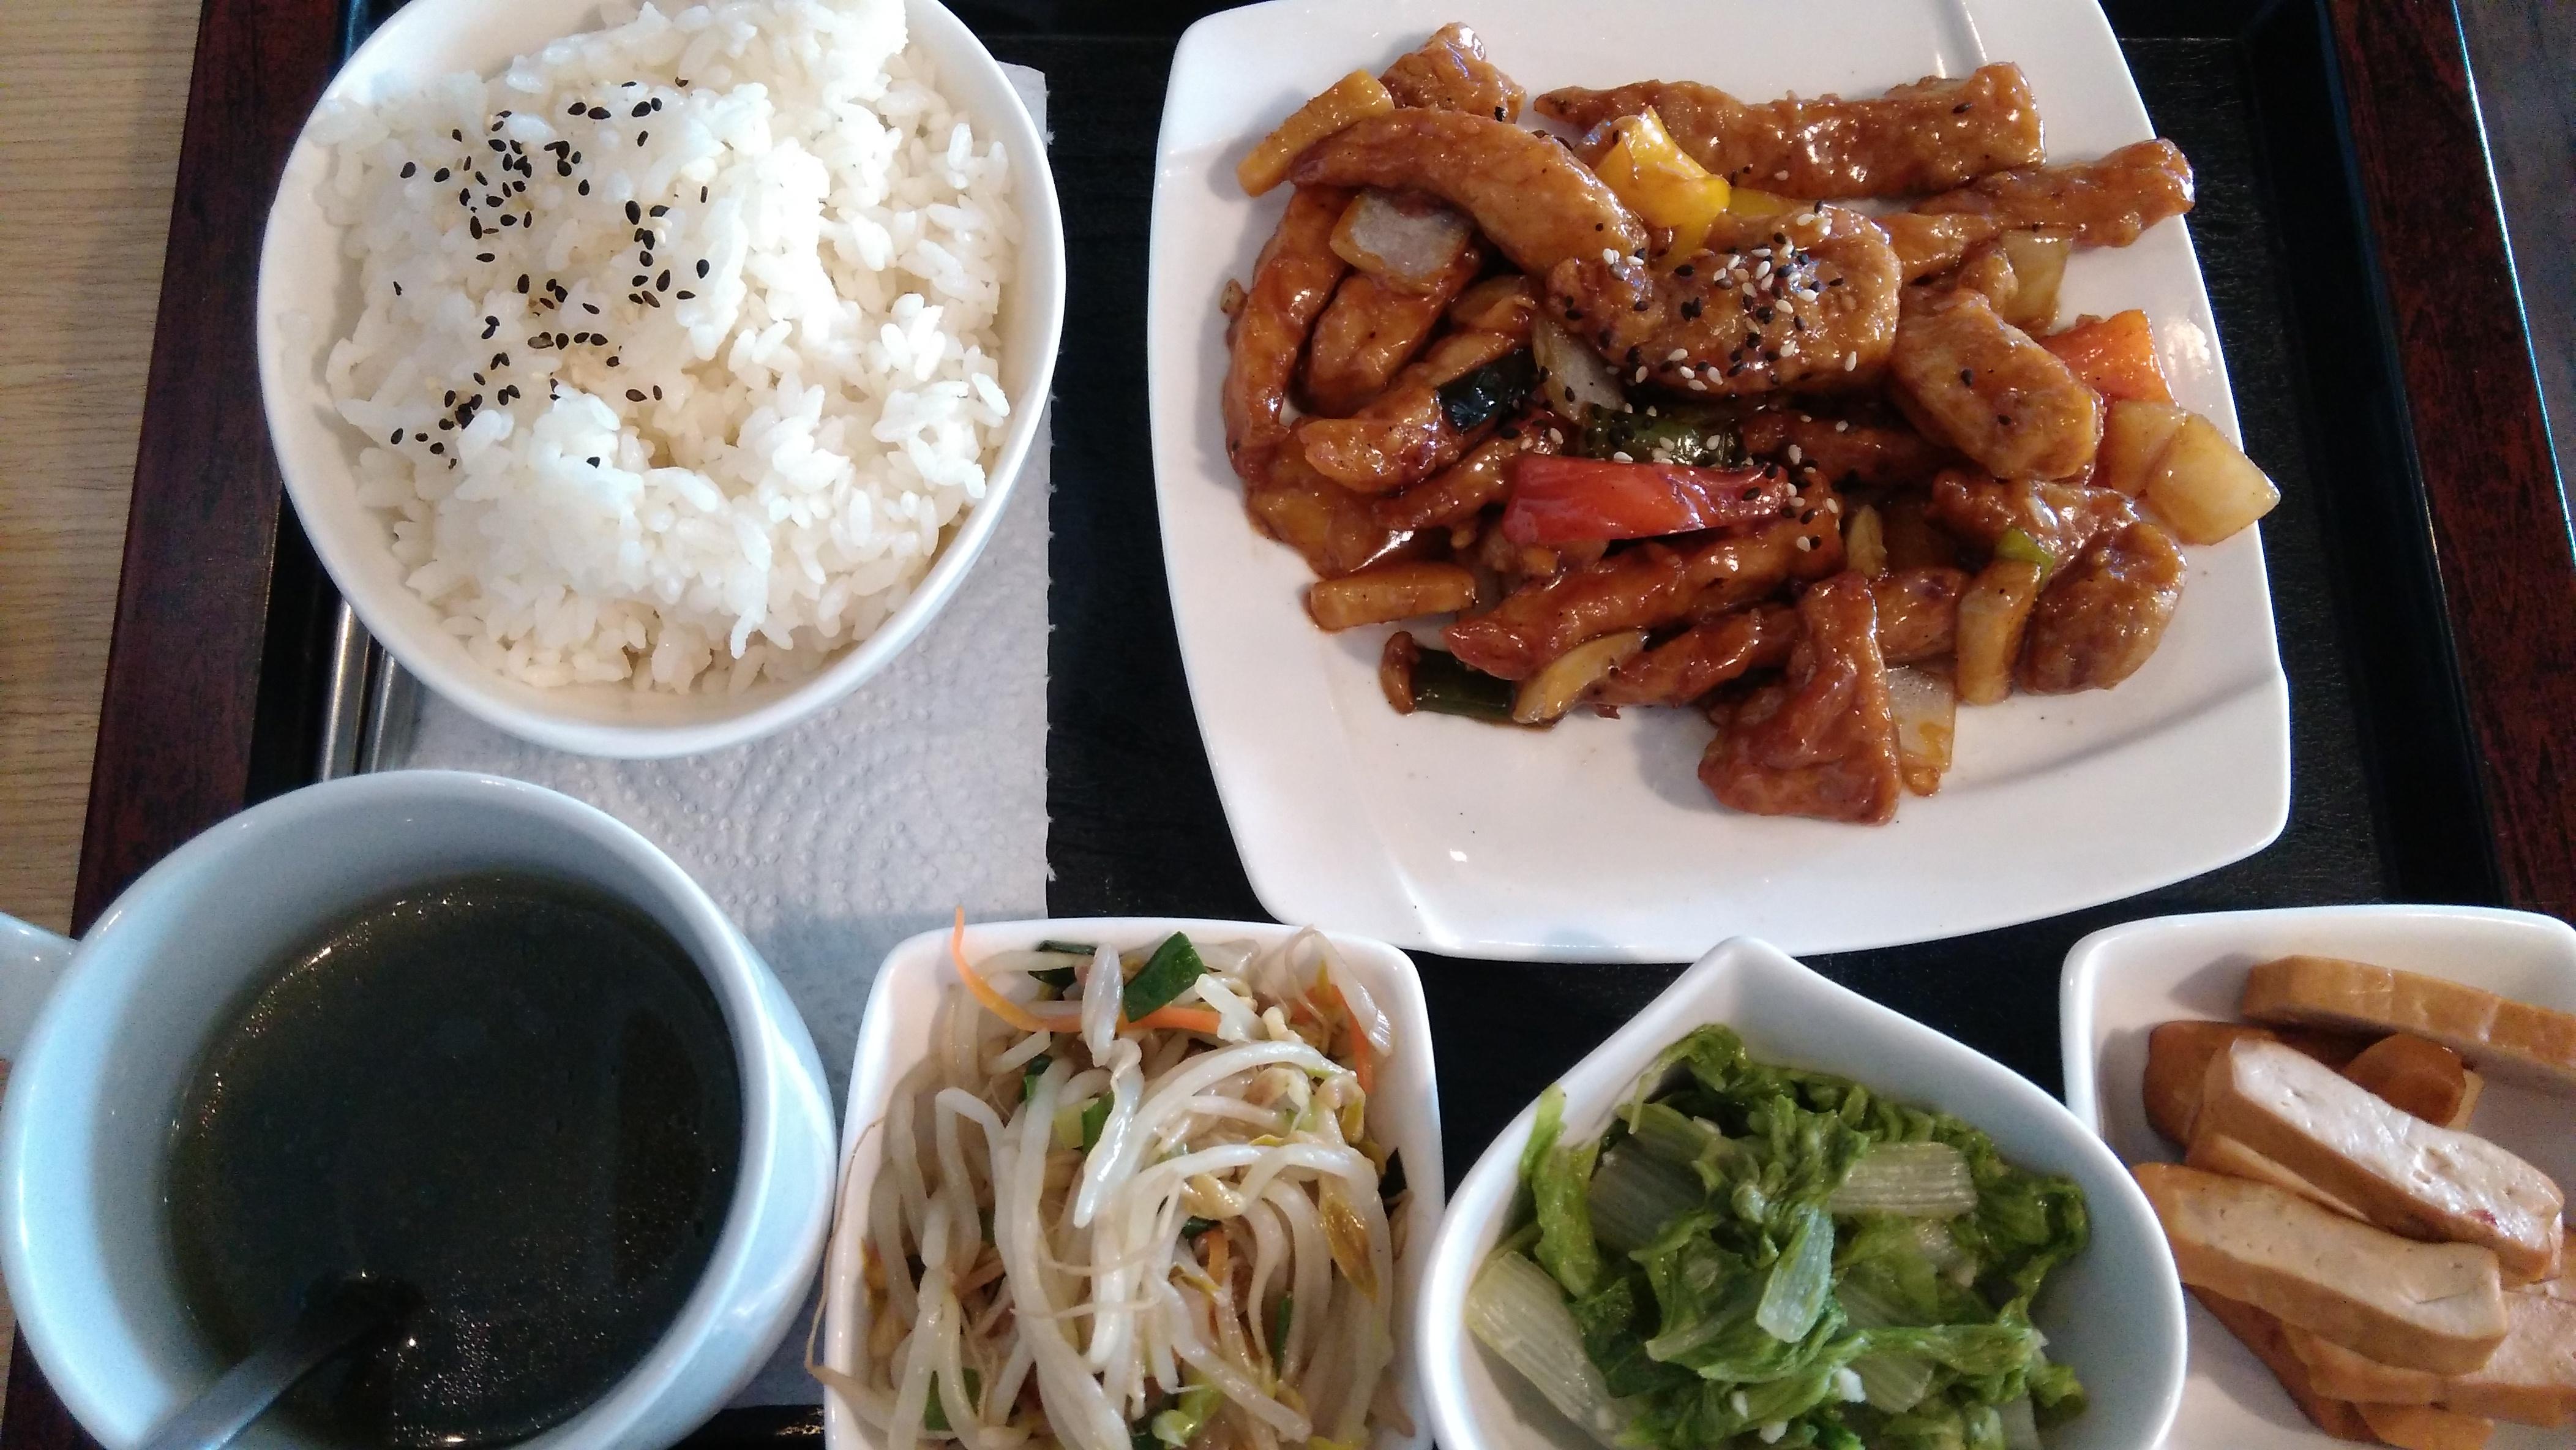 繁星如常 YK Life: 宜蘭/In House 簡餐 價格 菜單